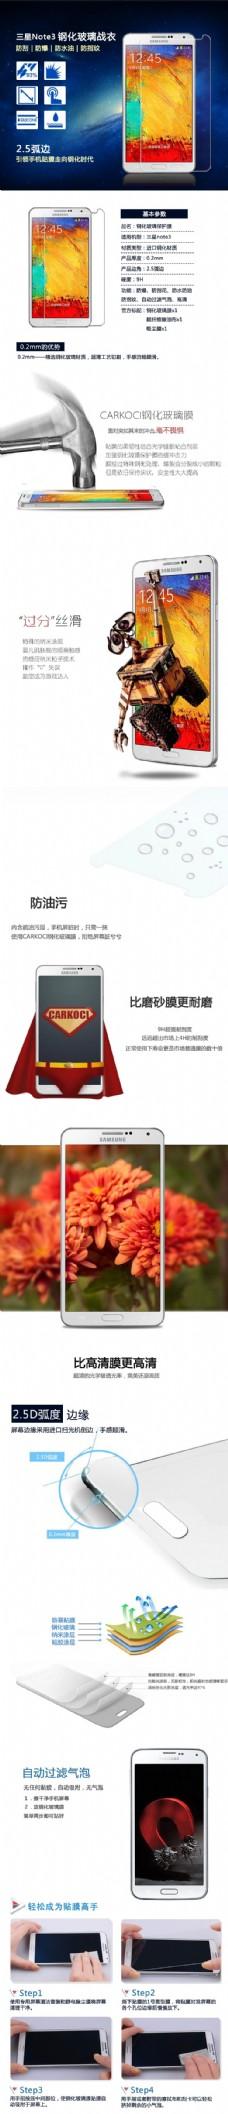 手机膜详情页